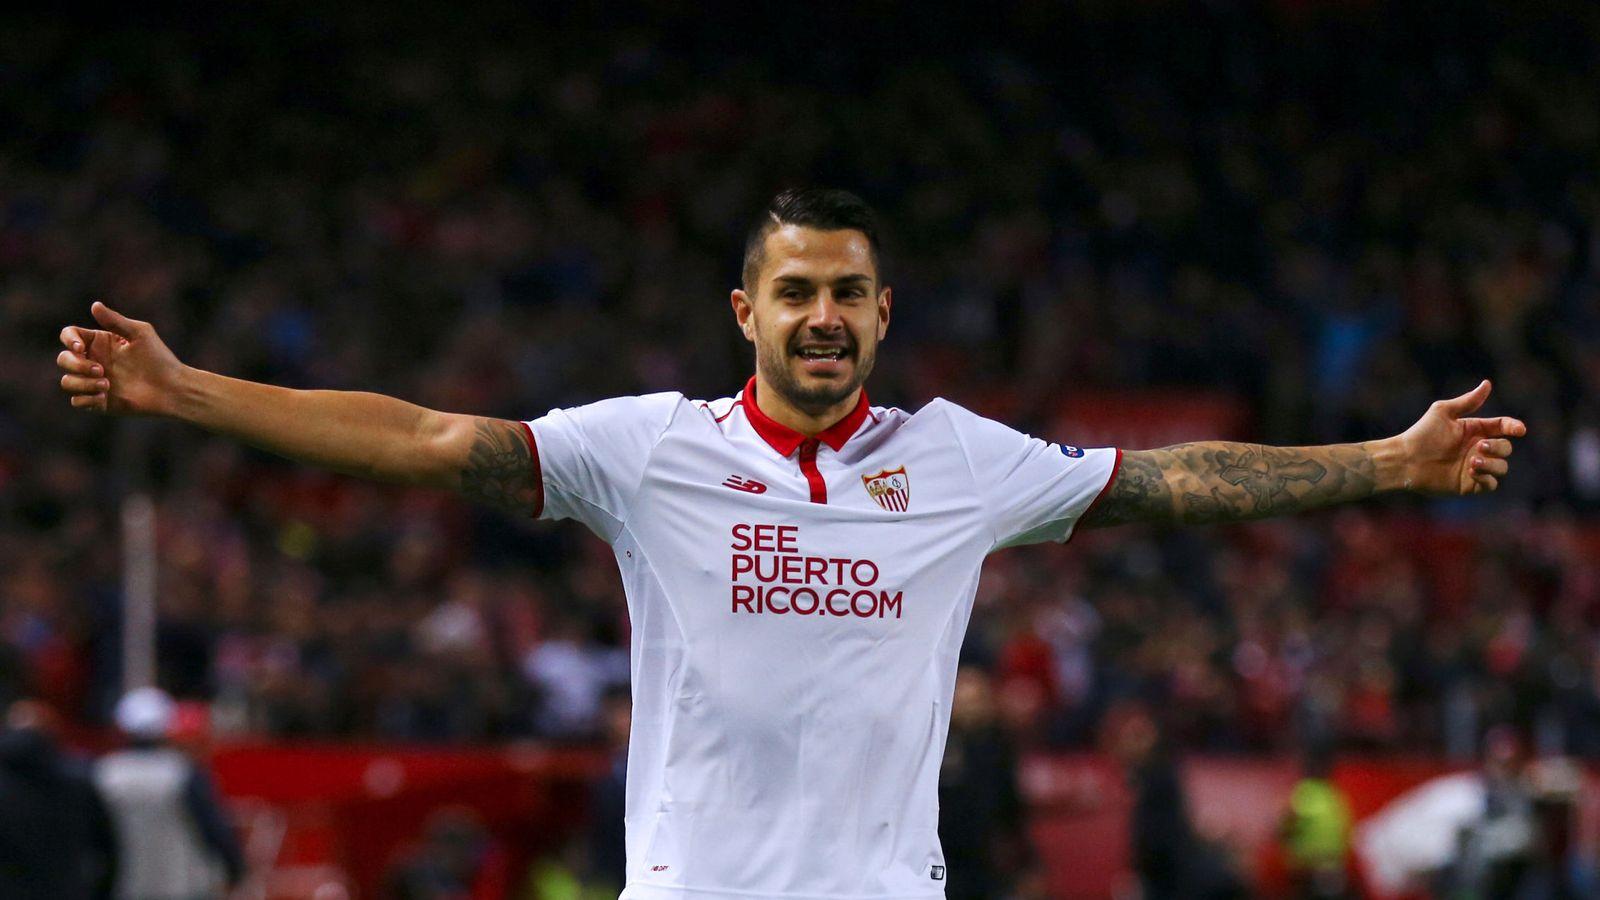 Foto: Vitolo seguirá defendiendo la camiseta del Sevilla. (Reuters)